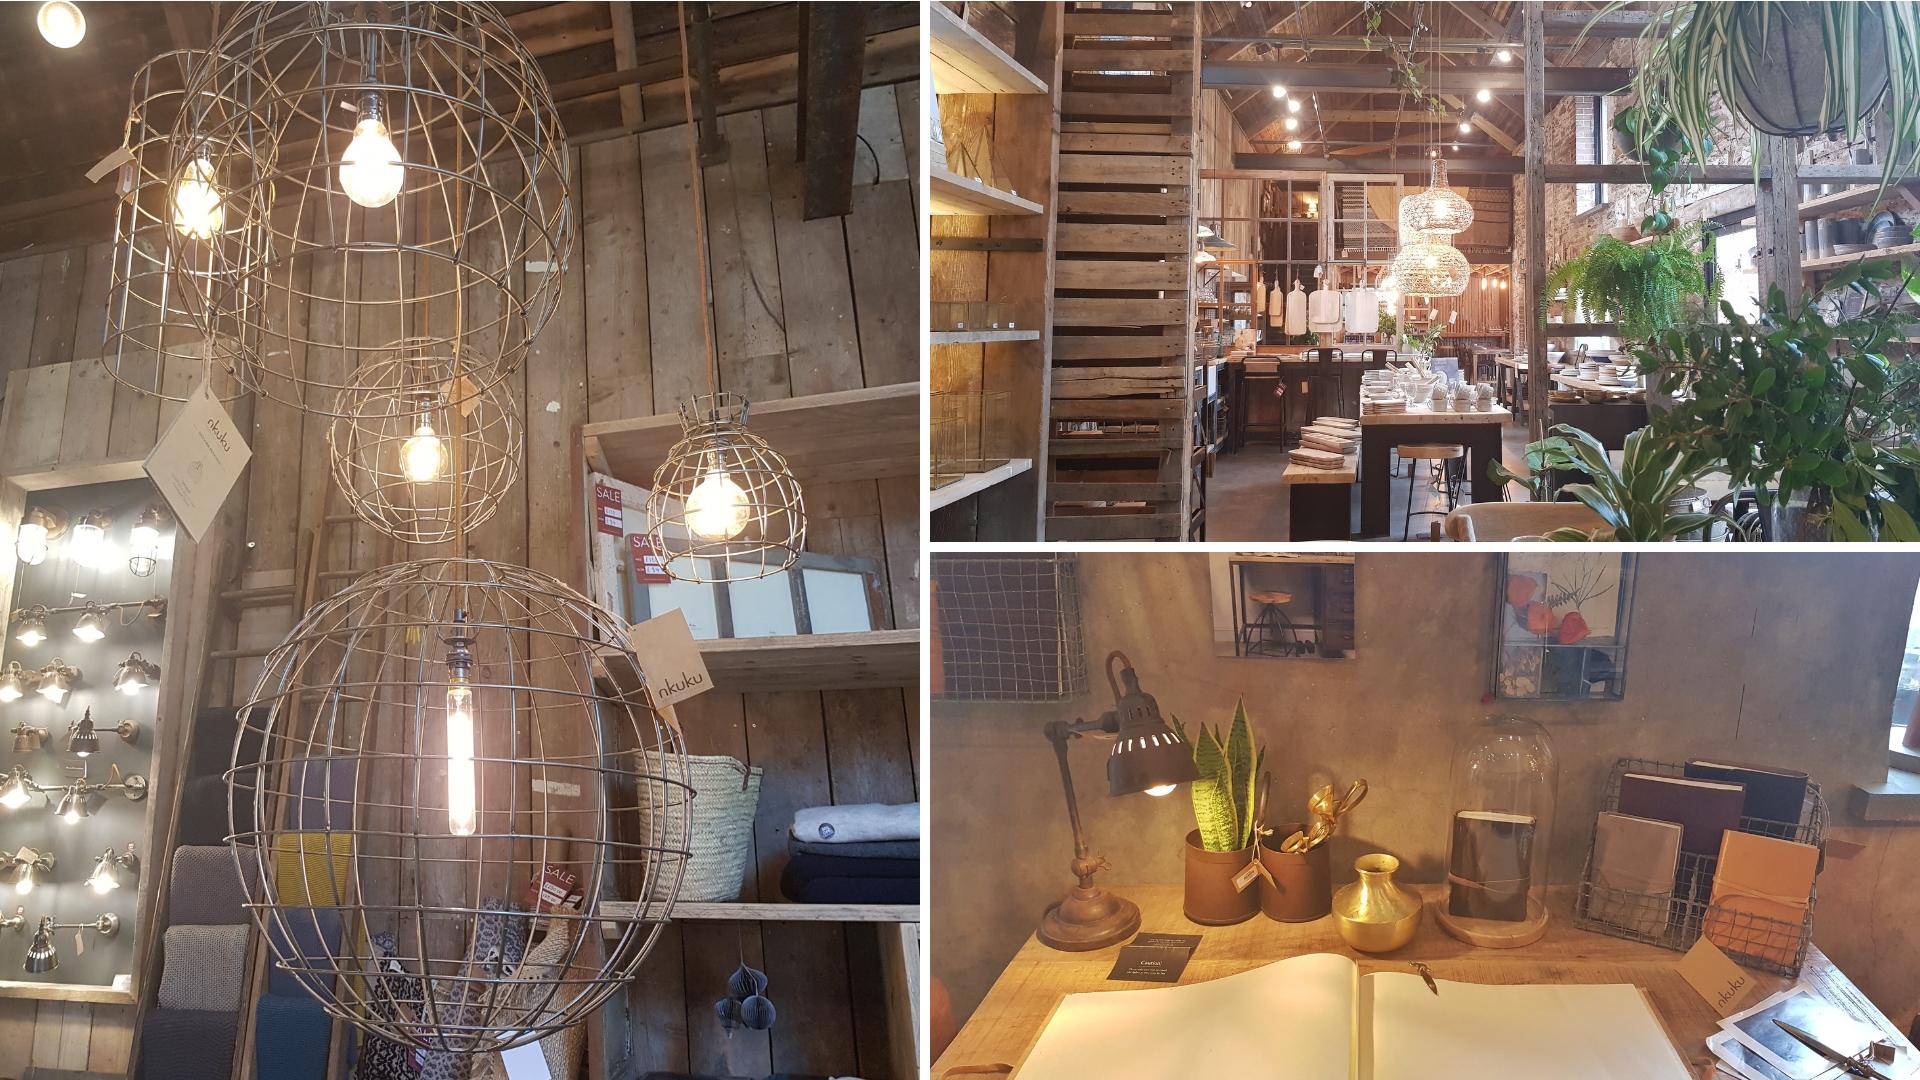 Nkuku LIfestyle Store & Cafe